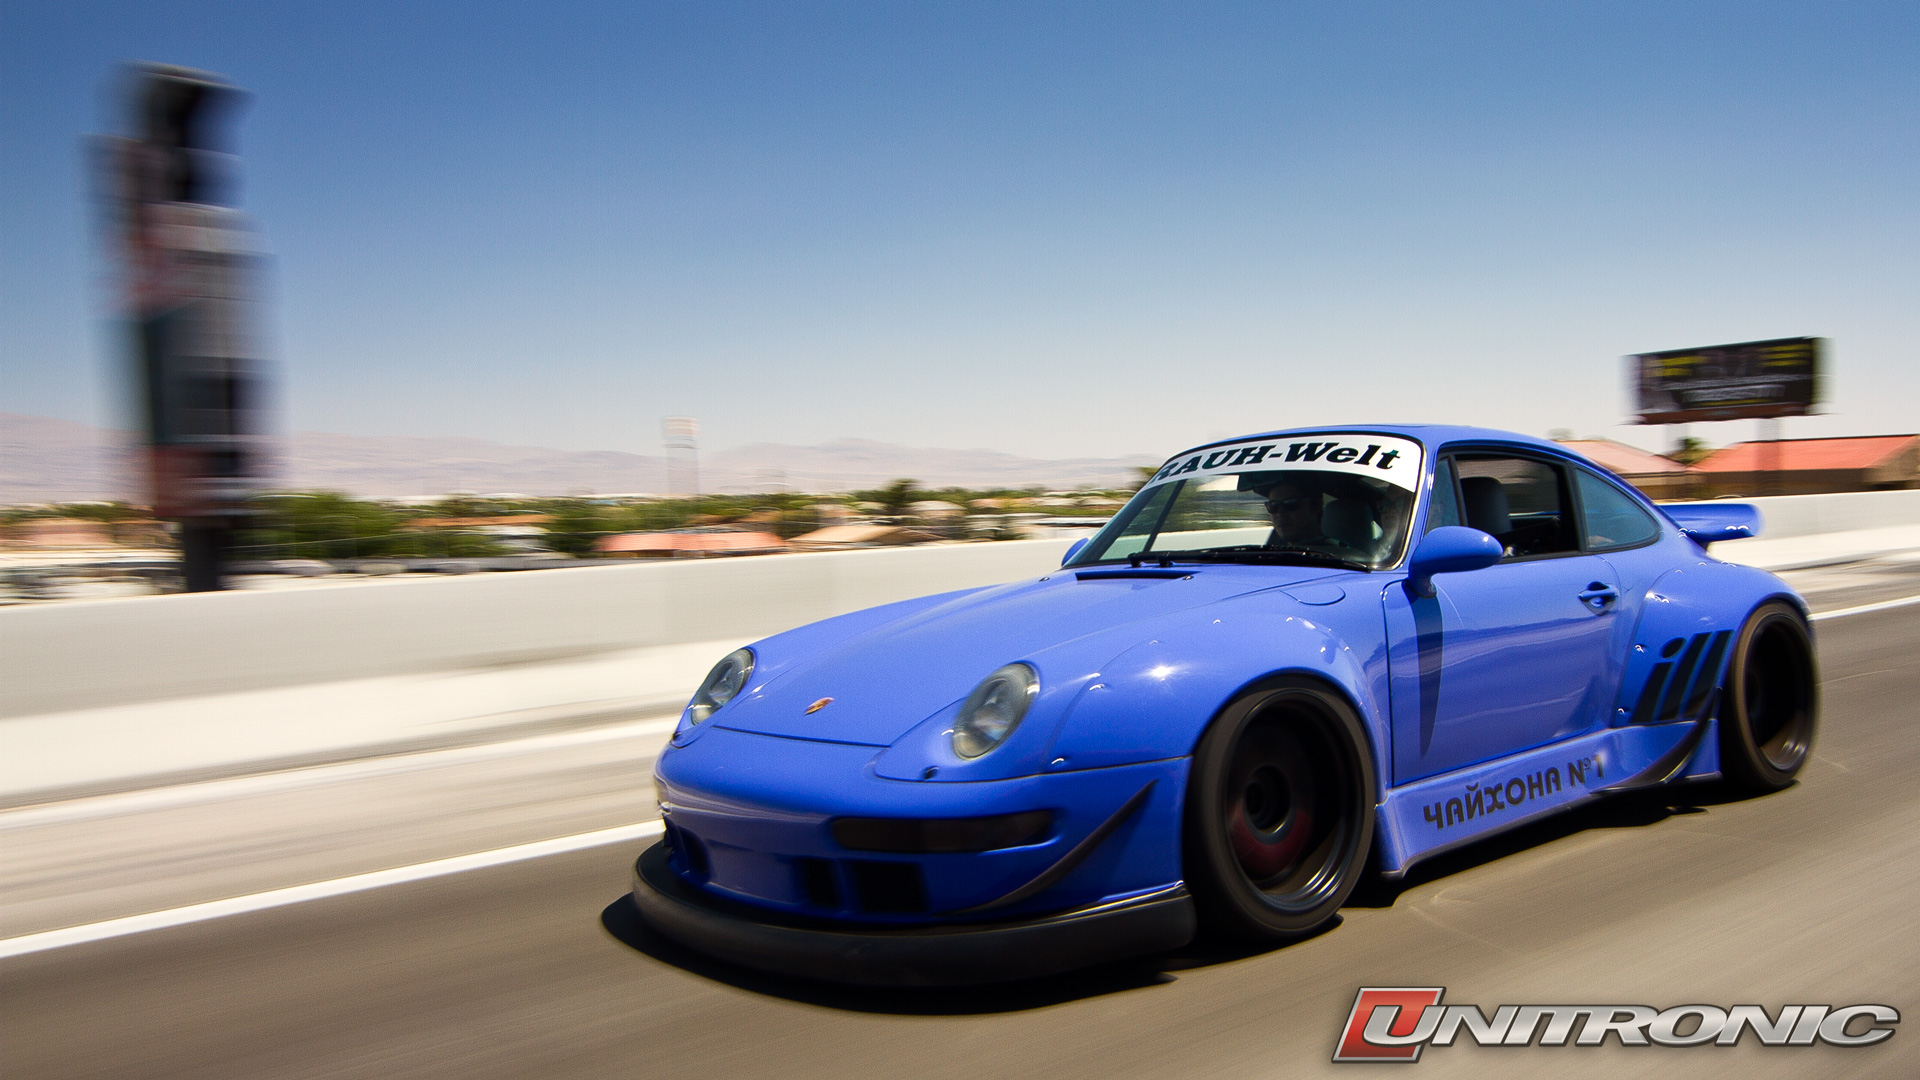 RWB Porsche at Wuste - Wallpaper